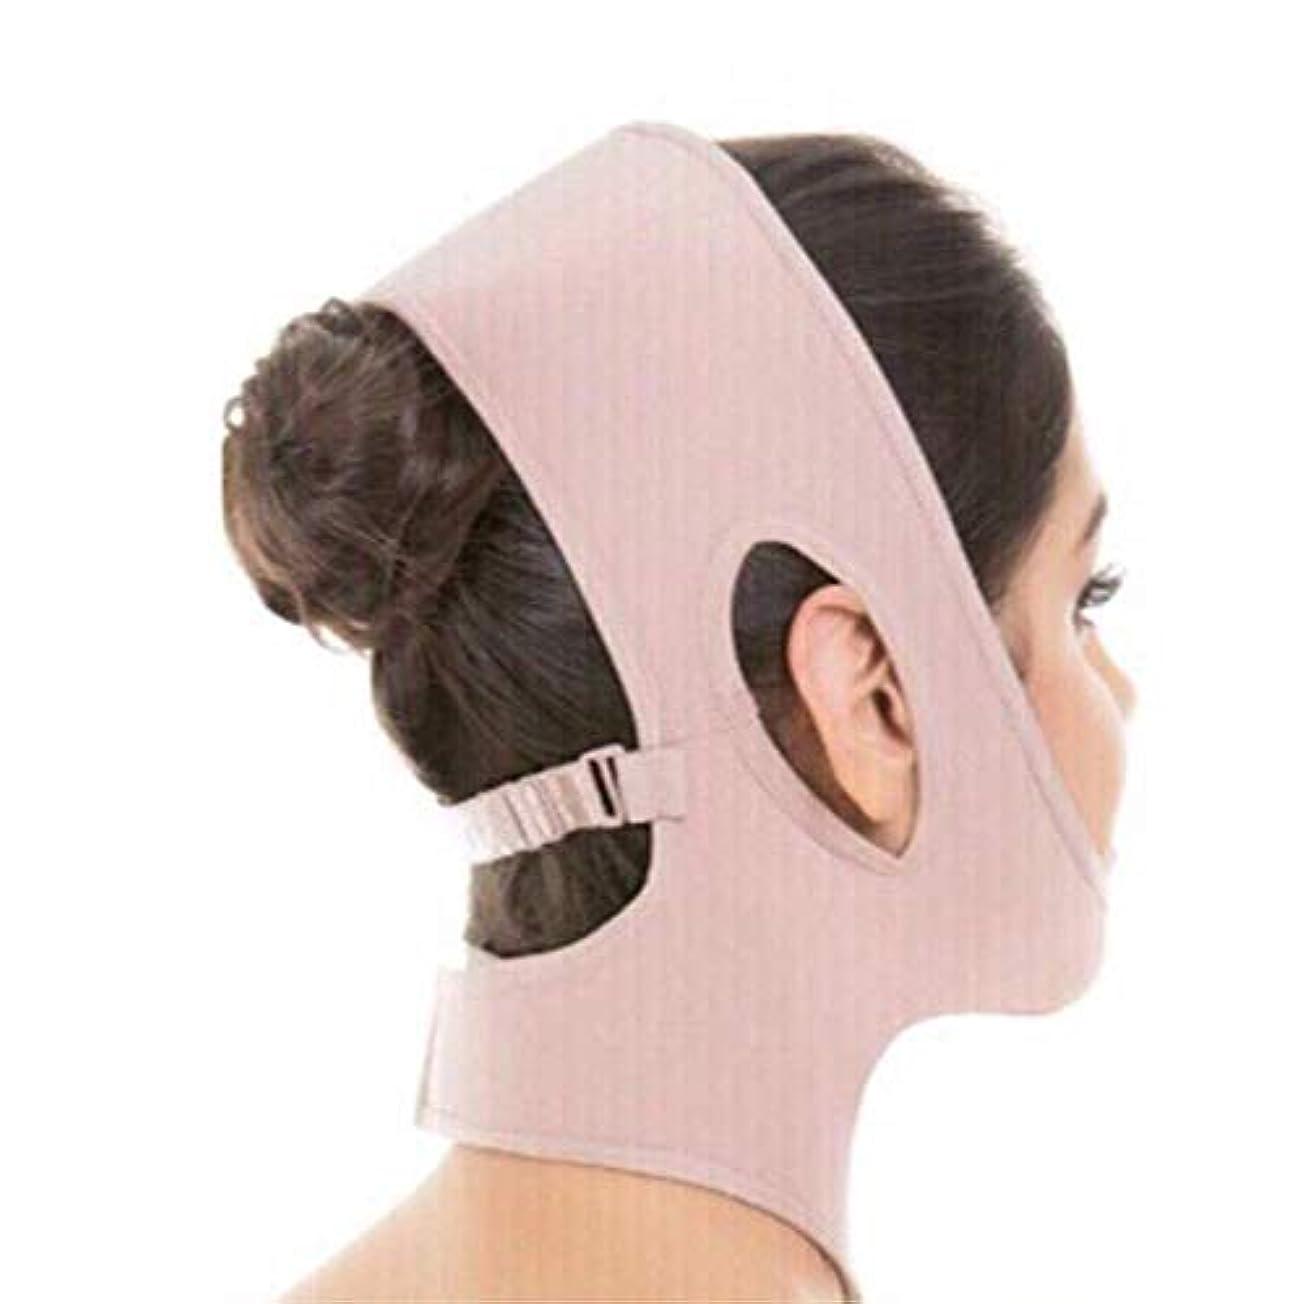 マント教室敵意フェイスリフティングバンデージ、フェイスリフティングマスク、顔面の首と首を持ち上げる、顔を持ち上げて二重あごを減らす(フリーサイズ)(カラー:カーキ色),カーキ